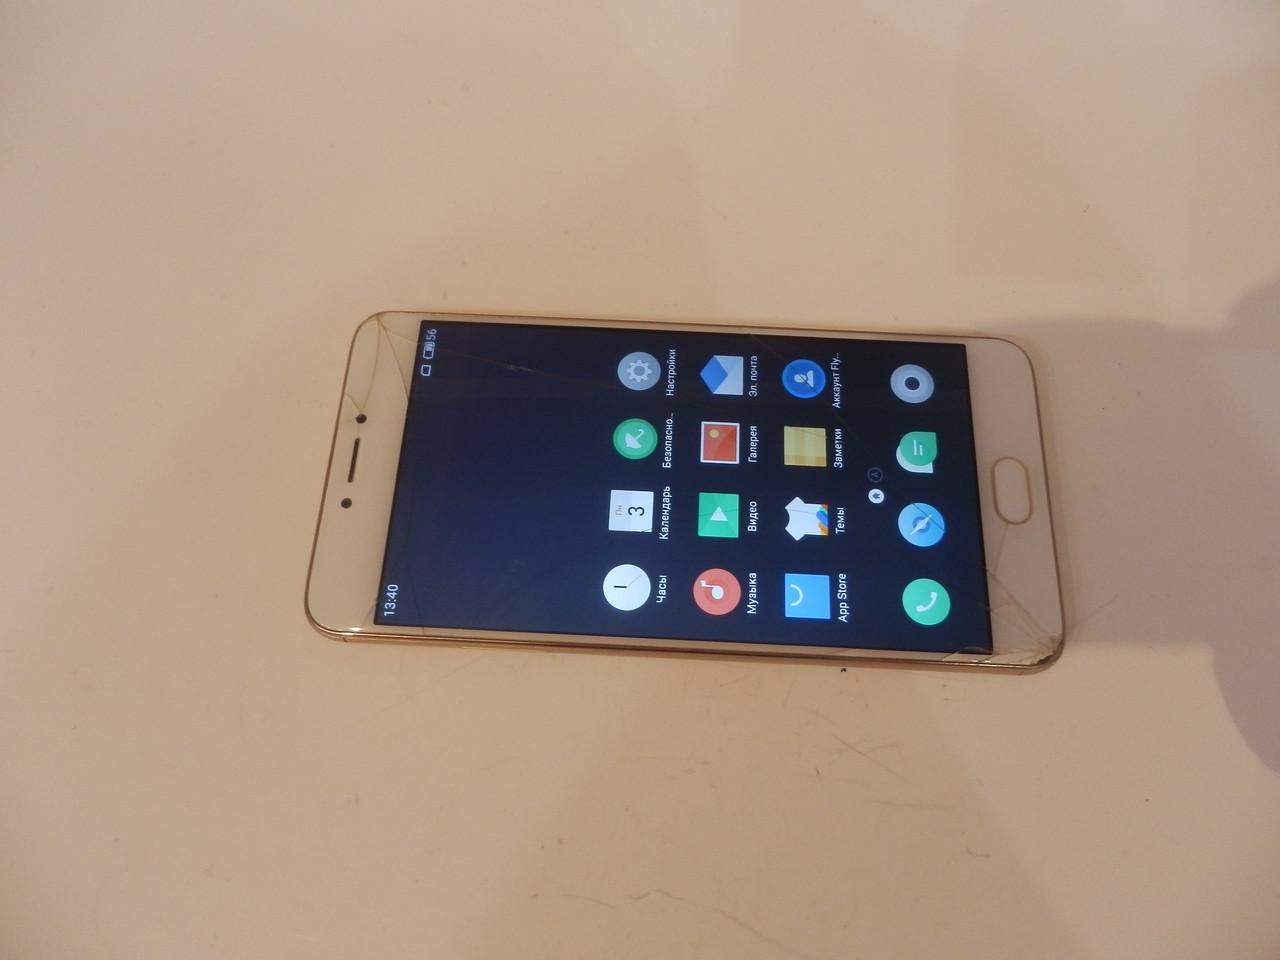 Мобильный телефон Meizu M3 note 2(возможно 3(не уверен))/32 №6682